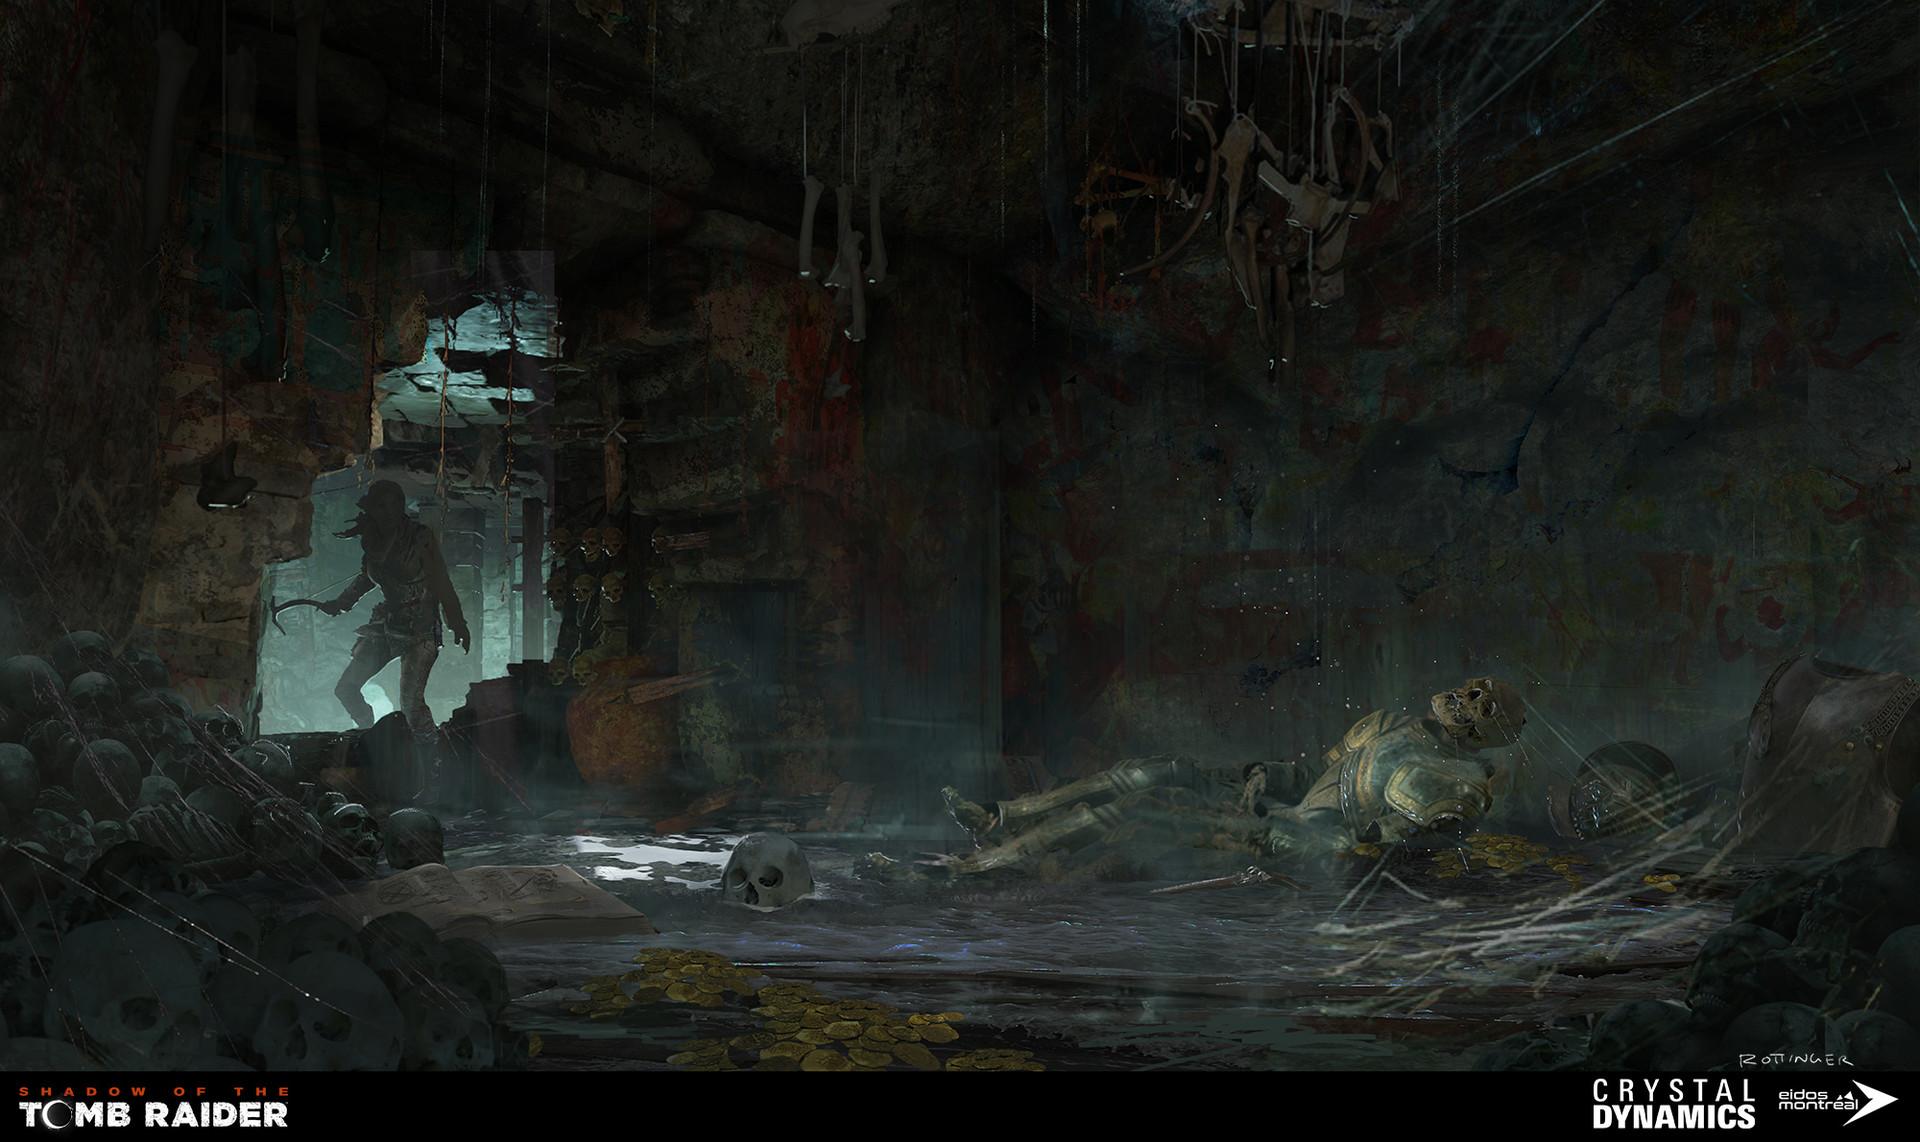 Blake rottinger mayan prison cell